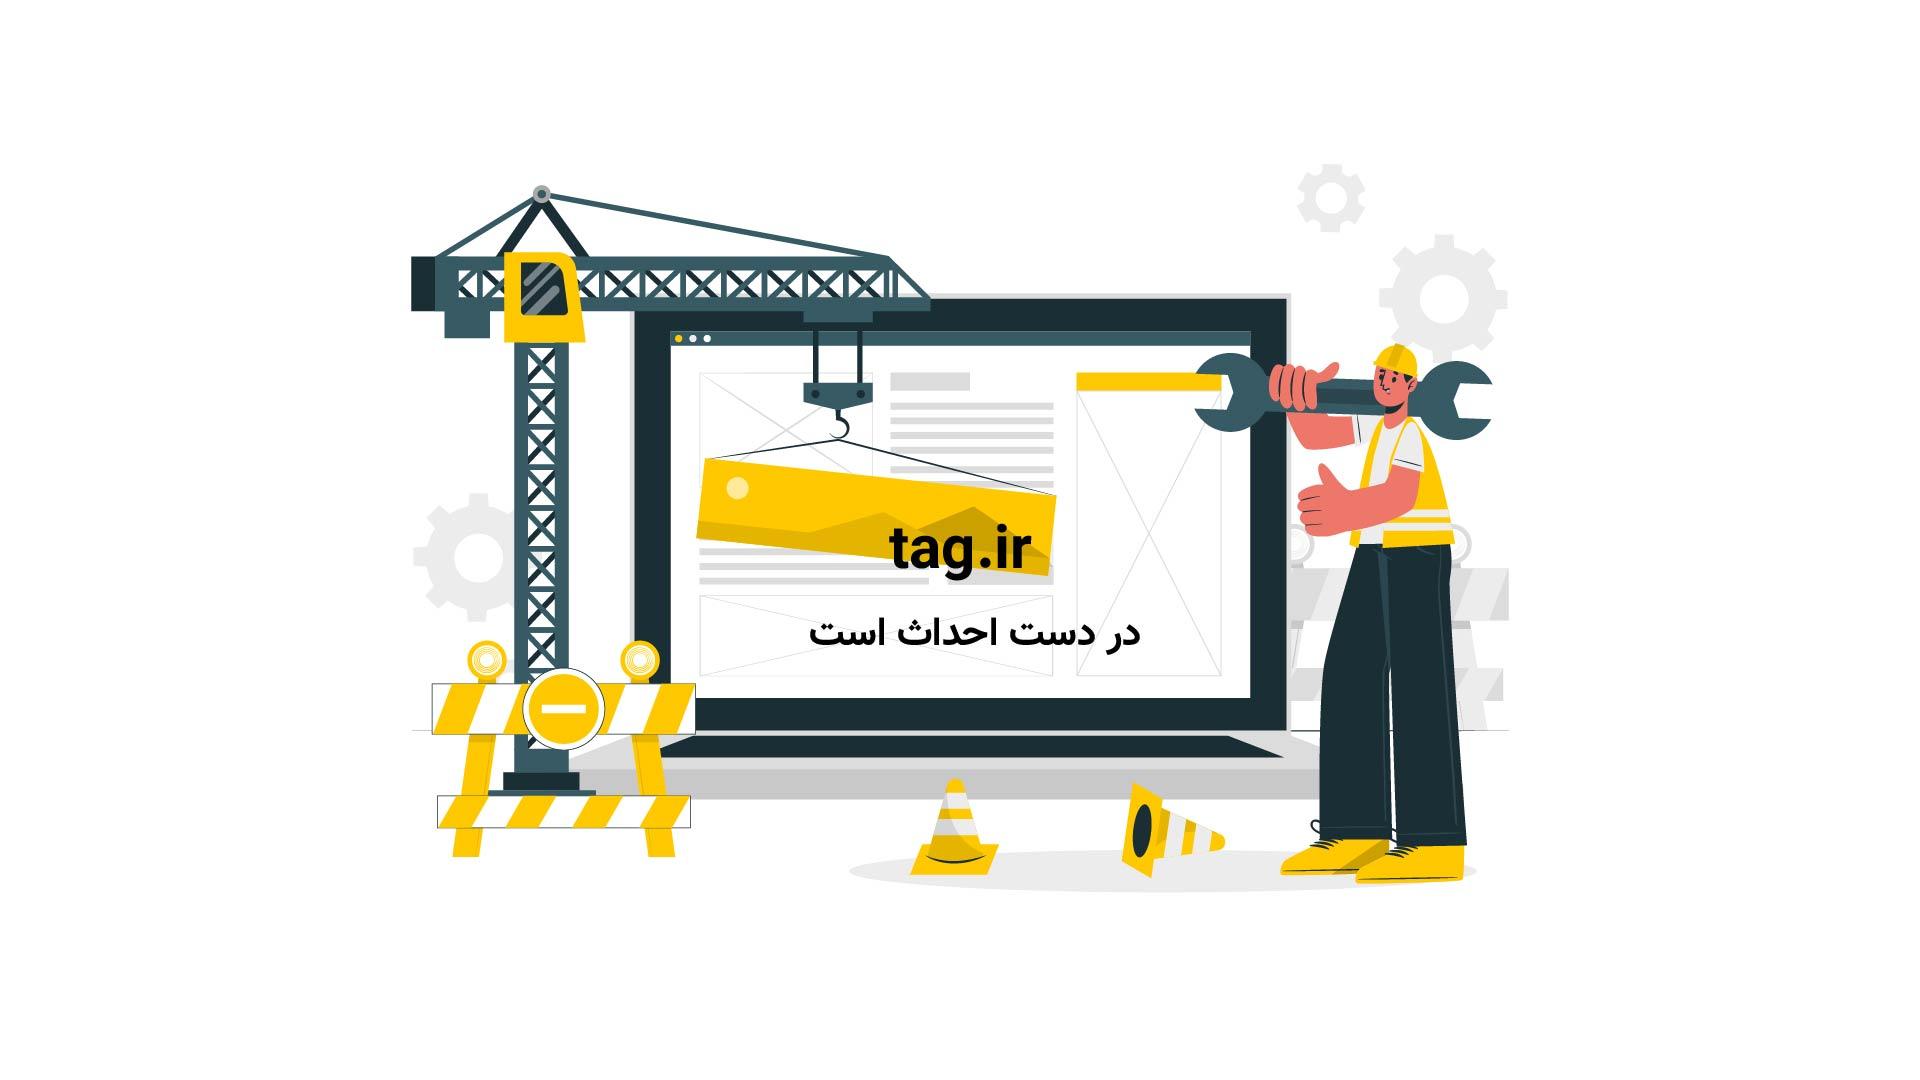 فیلم رکورد جهانی بند بازی یک کیلومتری در ارتفاع ٦٠٠ متری بین دو کوه